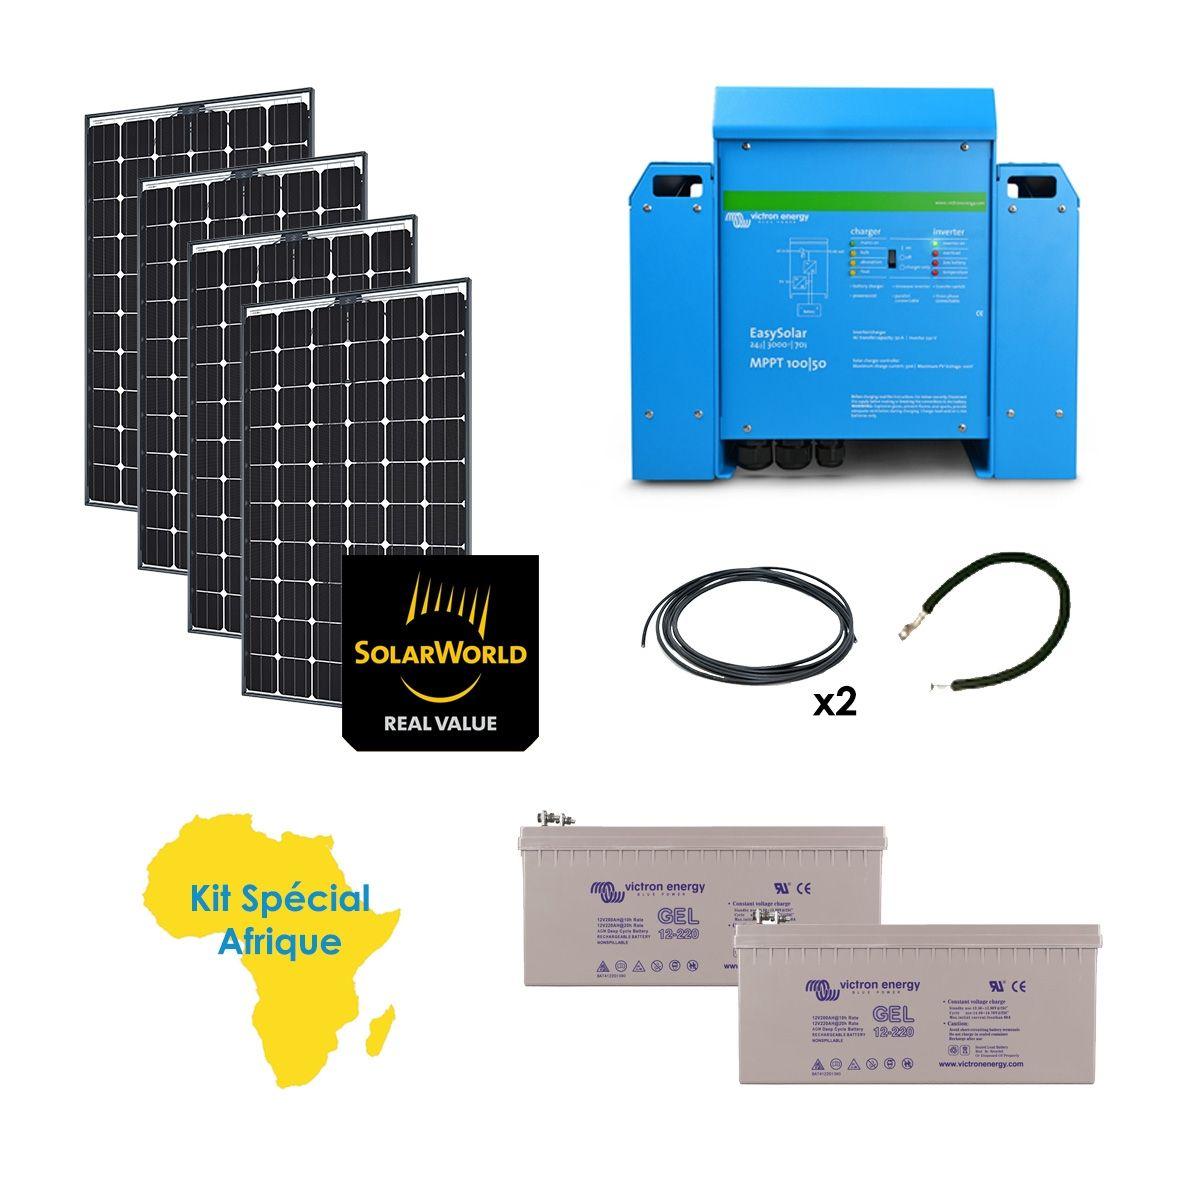 Kit solaire 1000w anti coupures sp cial afrique - Kit solaire autonome 1000w ...